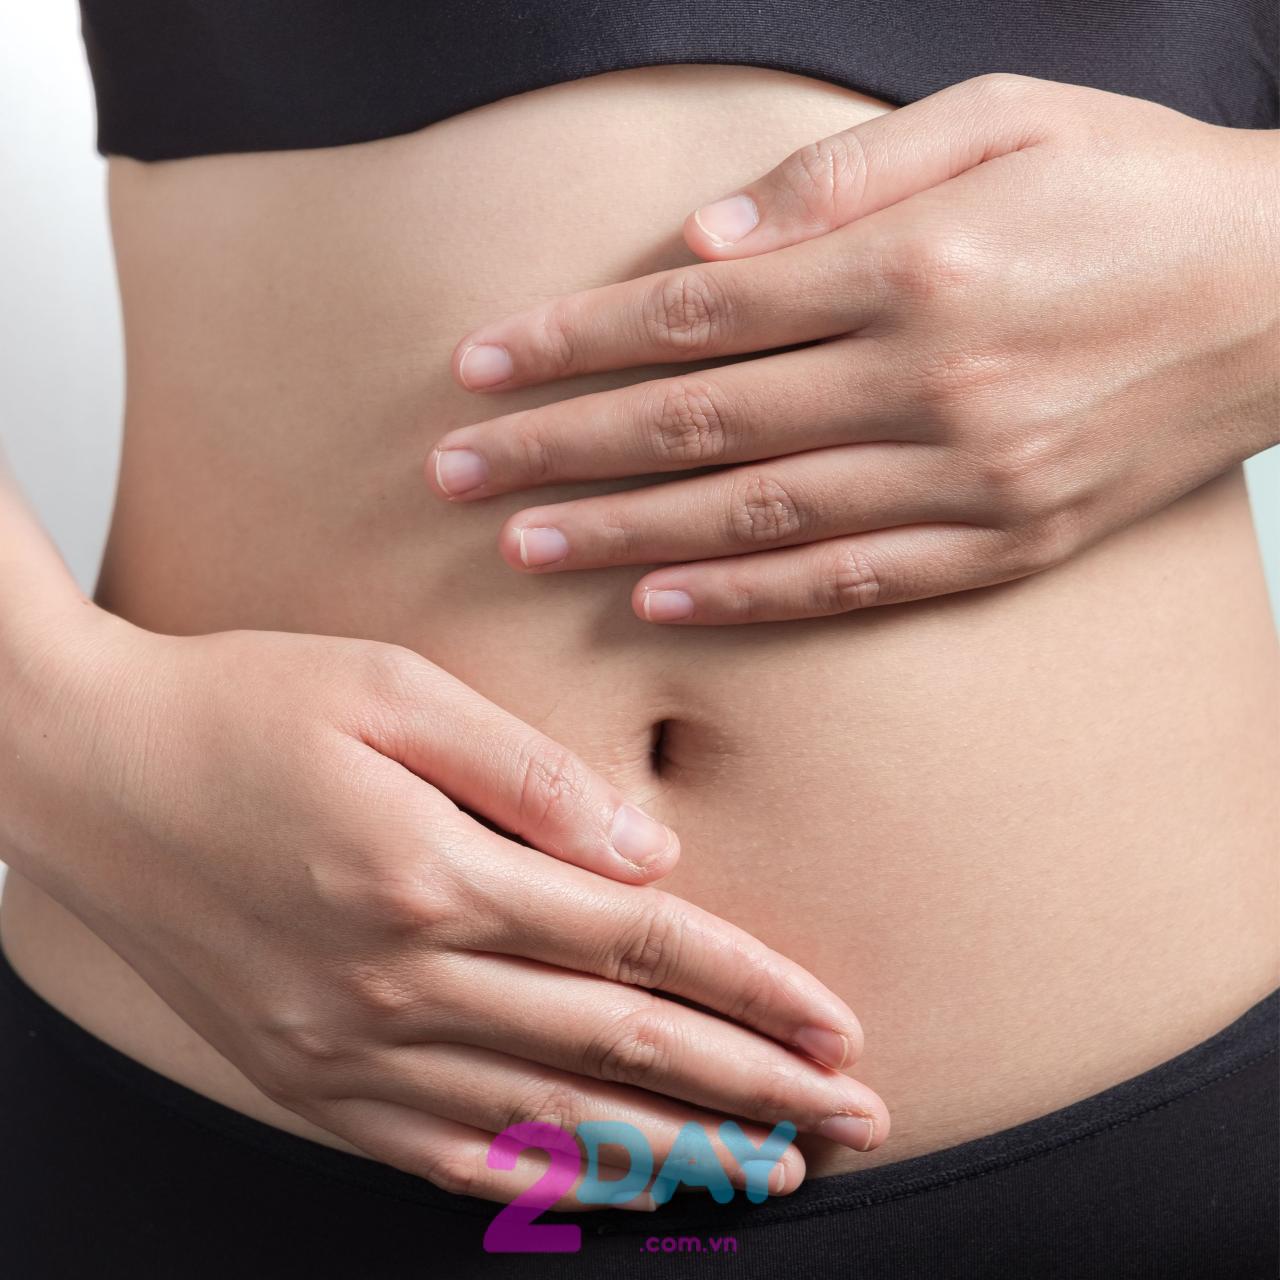 Sau khi ăn nên làm gì để giảm cân